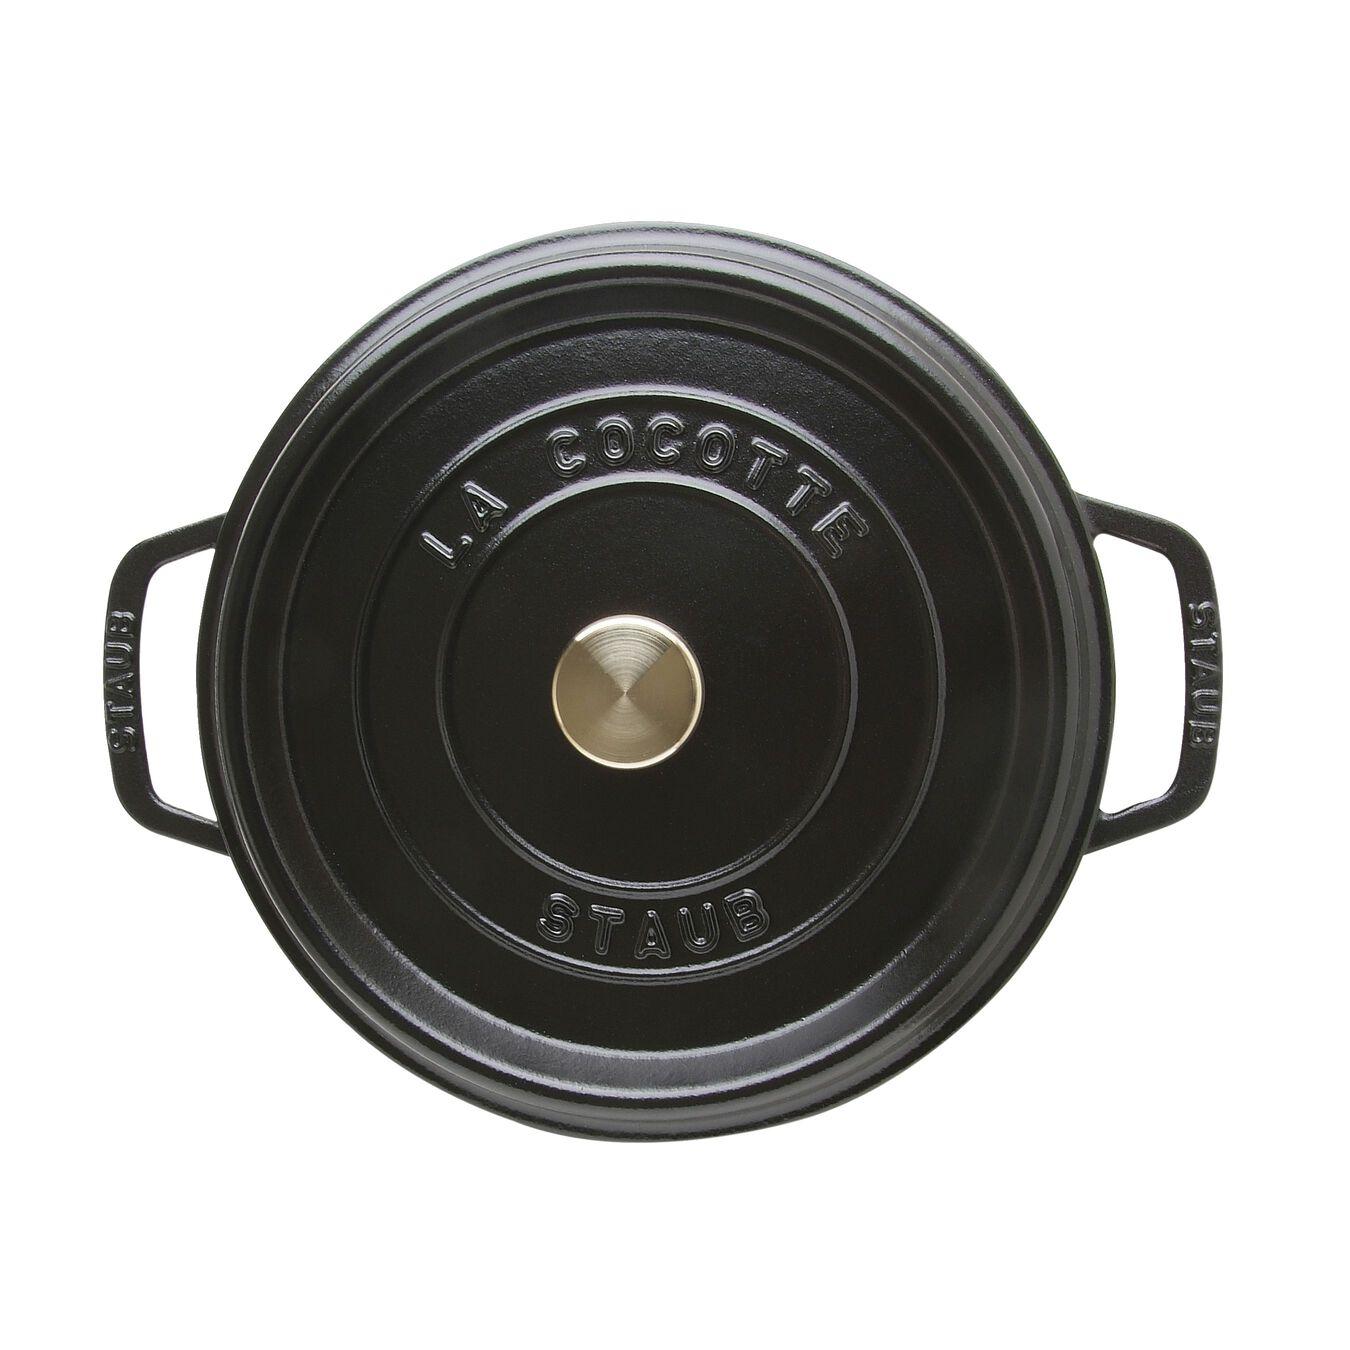 Cocotte 24 cm, Rond(e), Noir, Fonte,,large 3